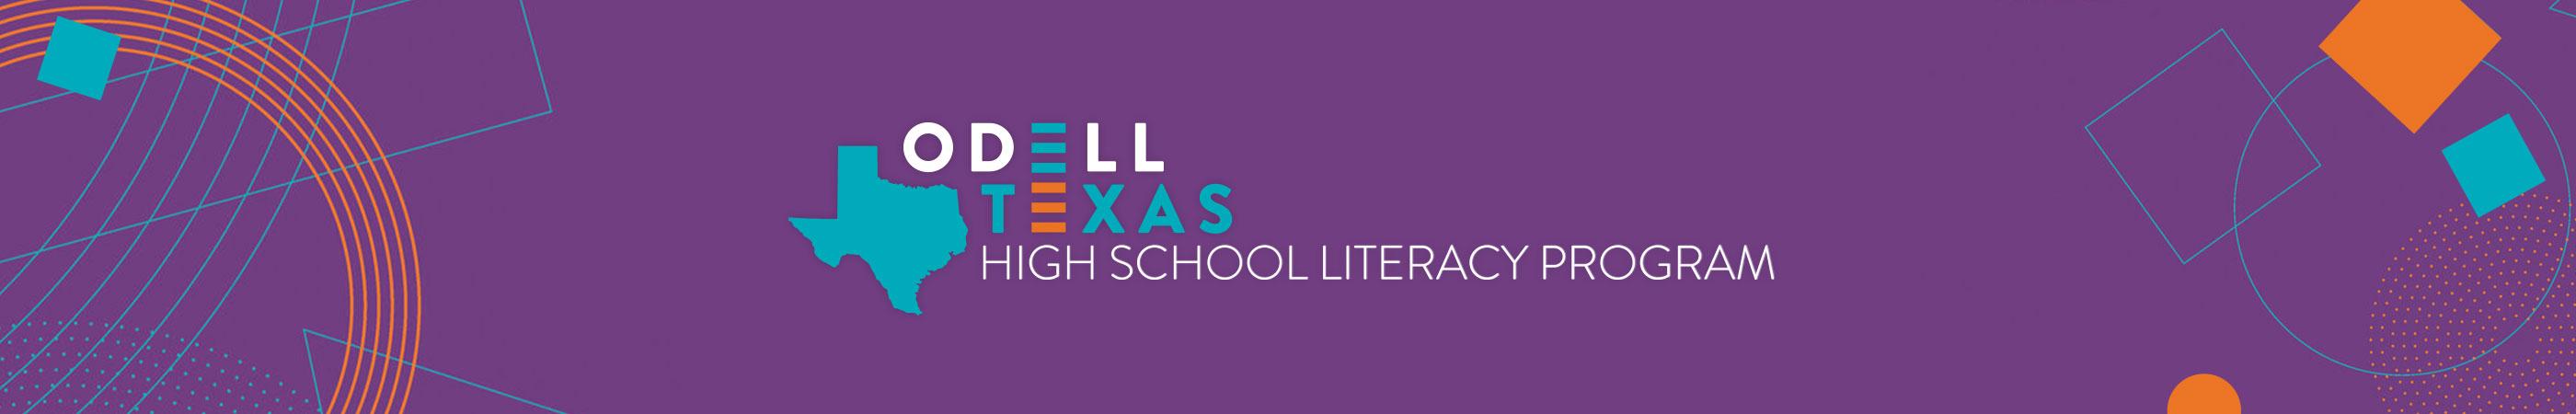 Odell Texas High School Learning Program banner